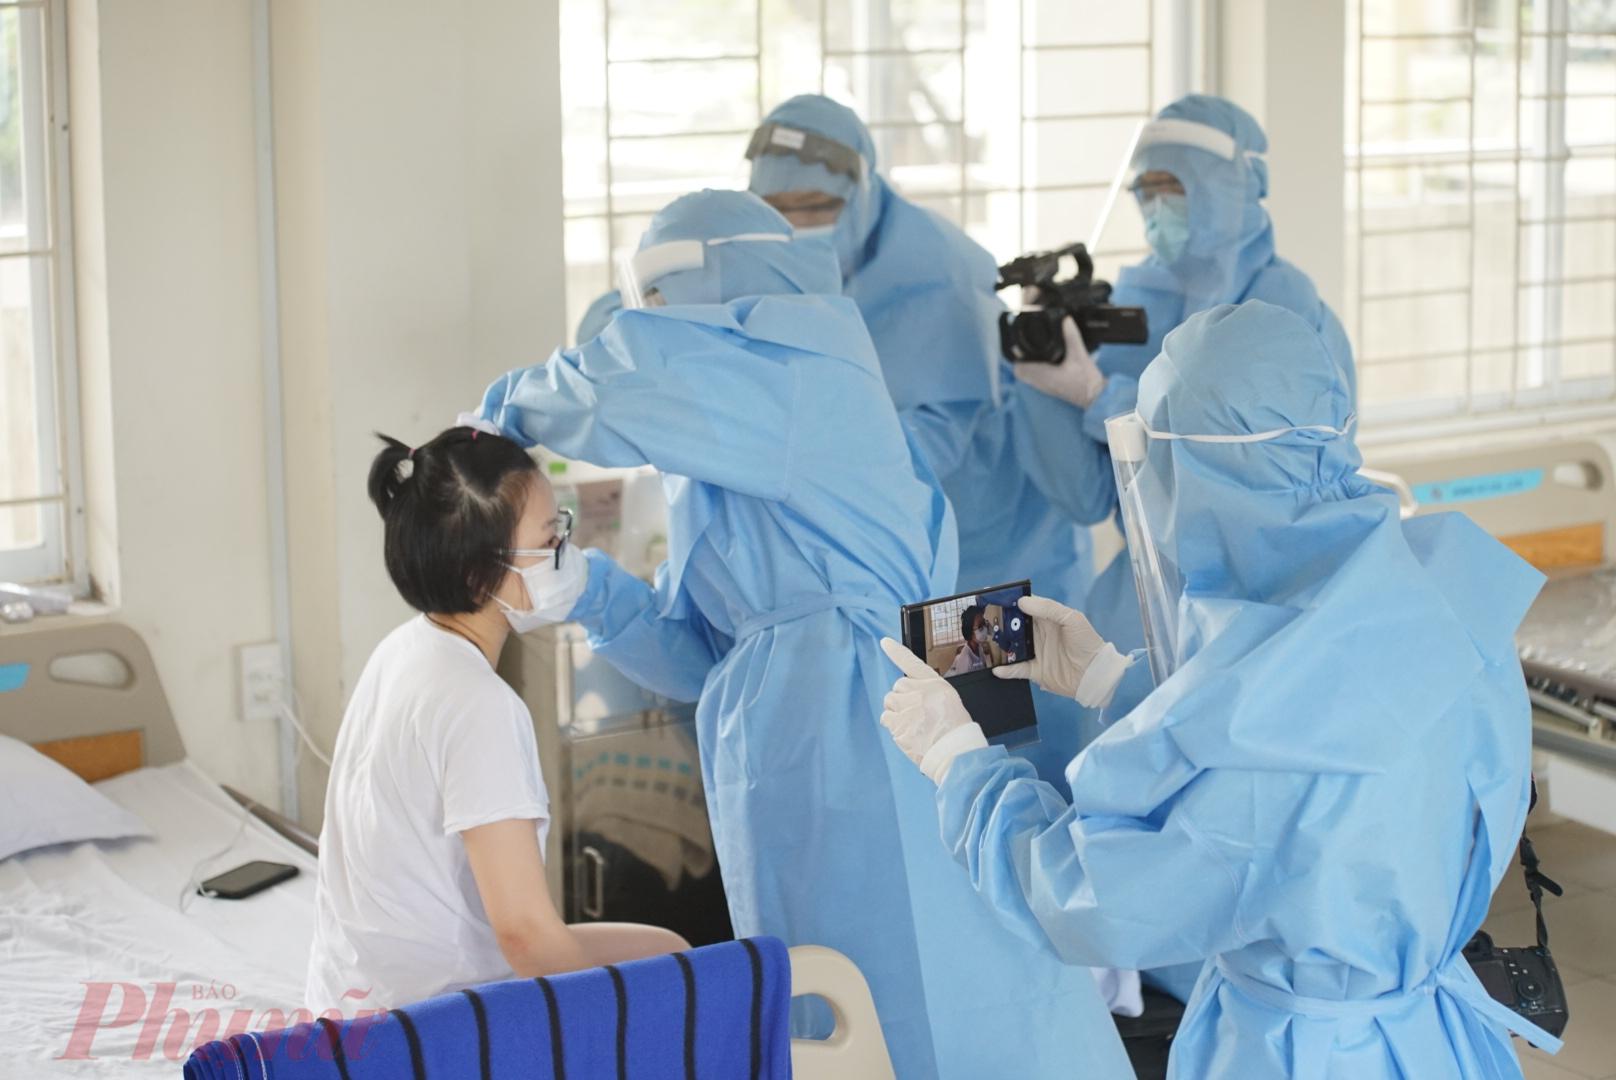 Sở Thông tin - Truyền thông cho biết phóng viên thực hiện đầy đủ các quy định phòng dịch khi tác nghiệp